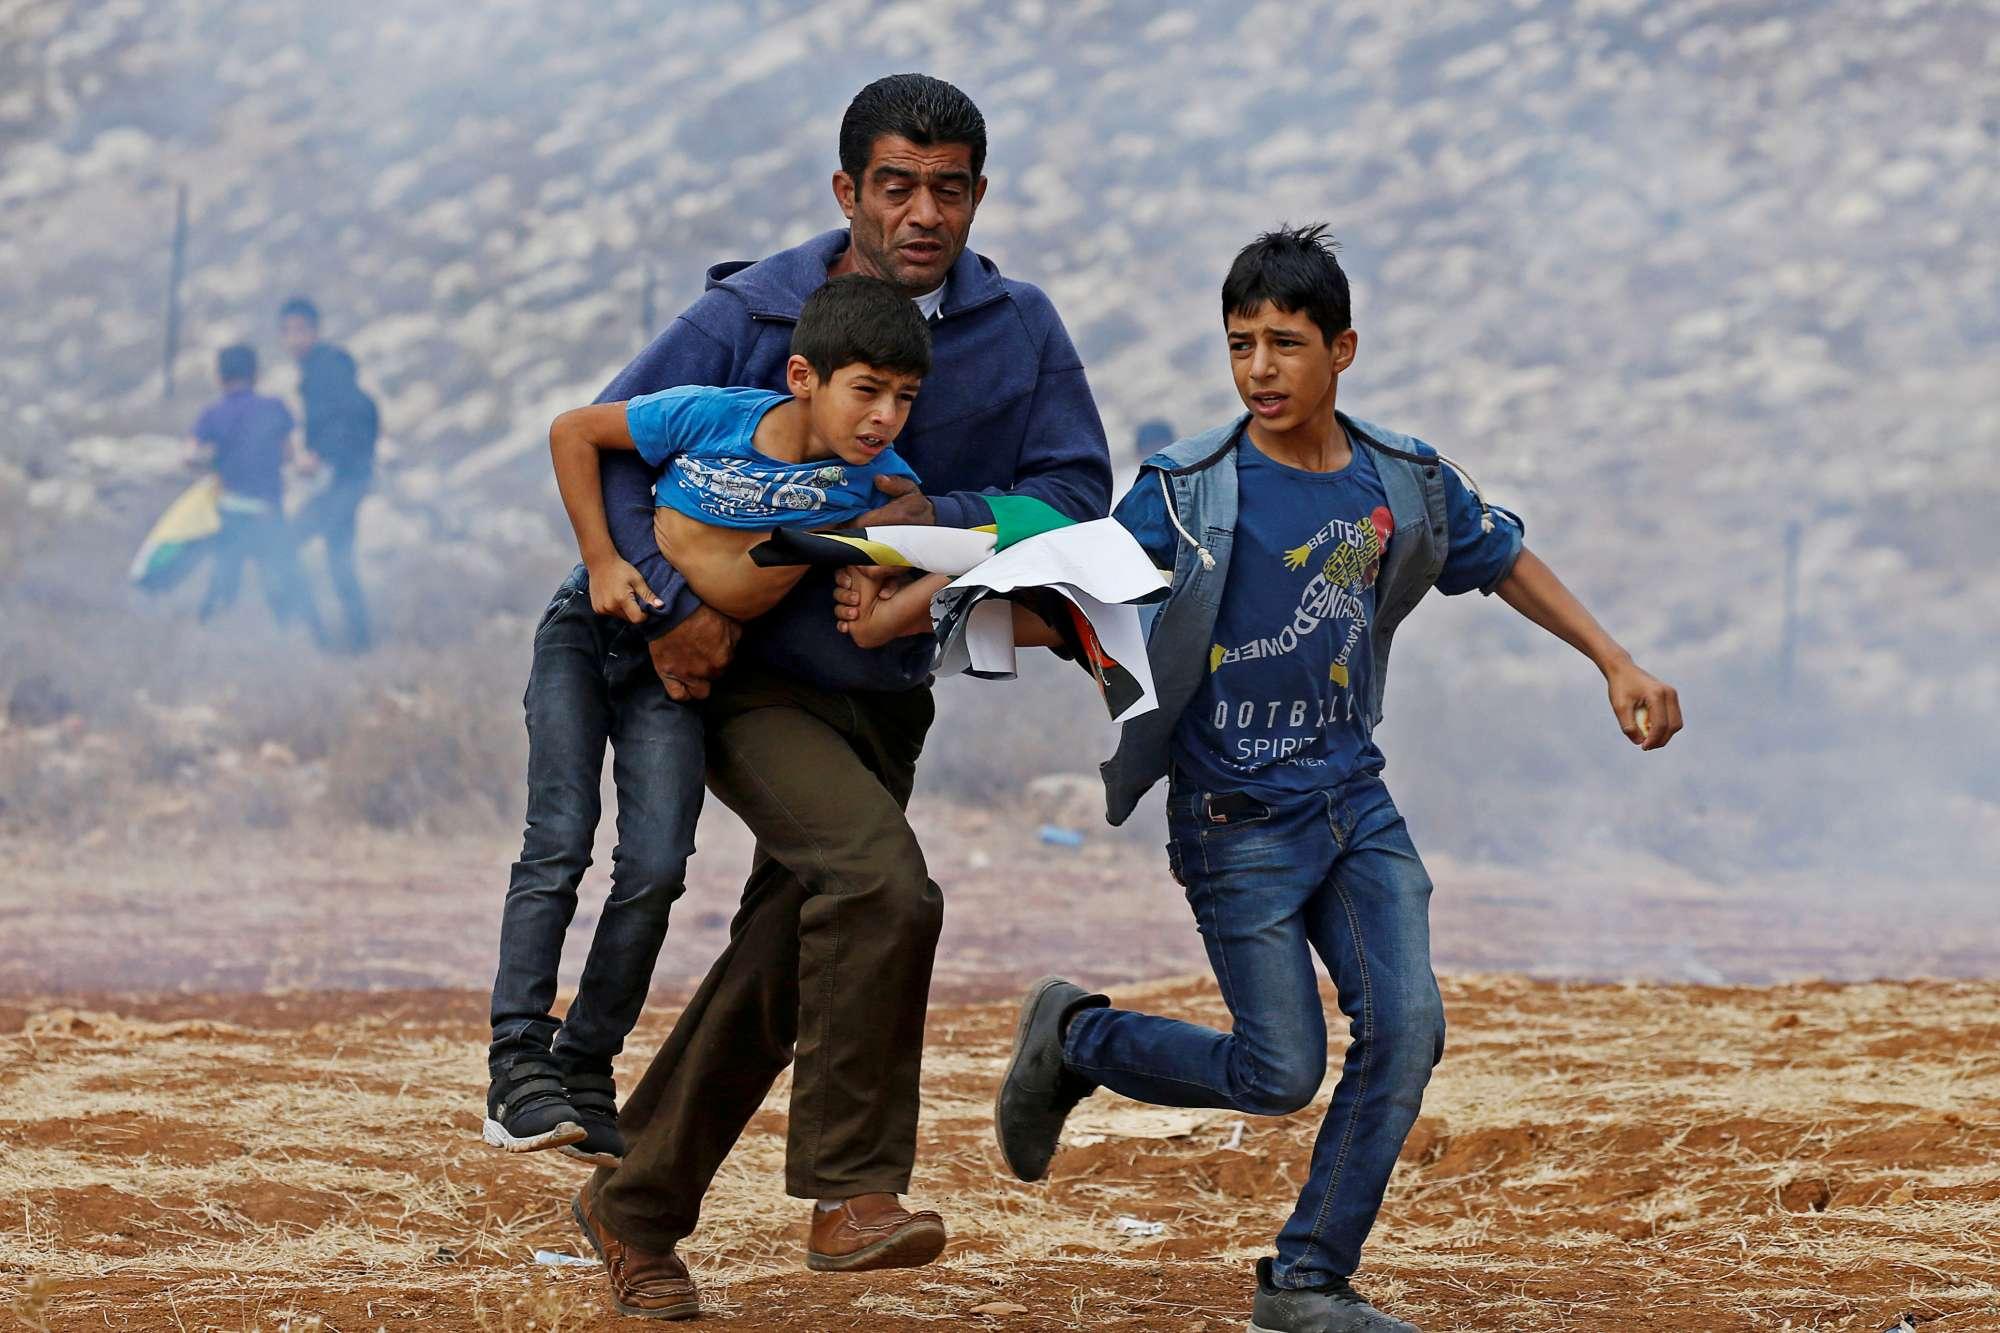 Δυτική Οχθη. Μικροί και μεγάλοι, κατά μόνας ή οικογενειακώς, οι Παλαιστίνιοι συνεχίζουν να διαμαρτύρονται για τους εβραϊκούς οικισμούς, μέσα σε σύννεφα δακρυγόνων